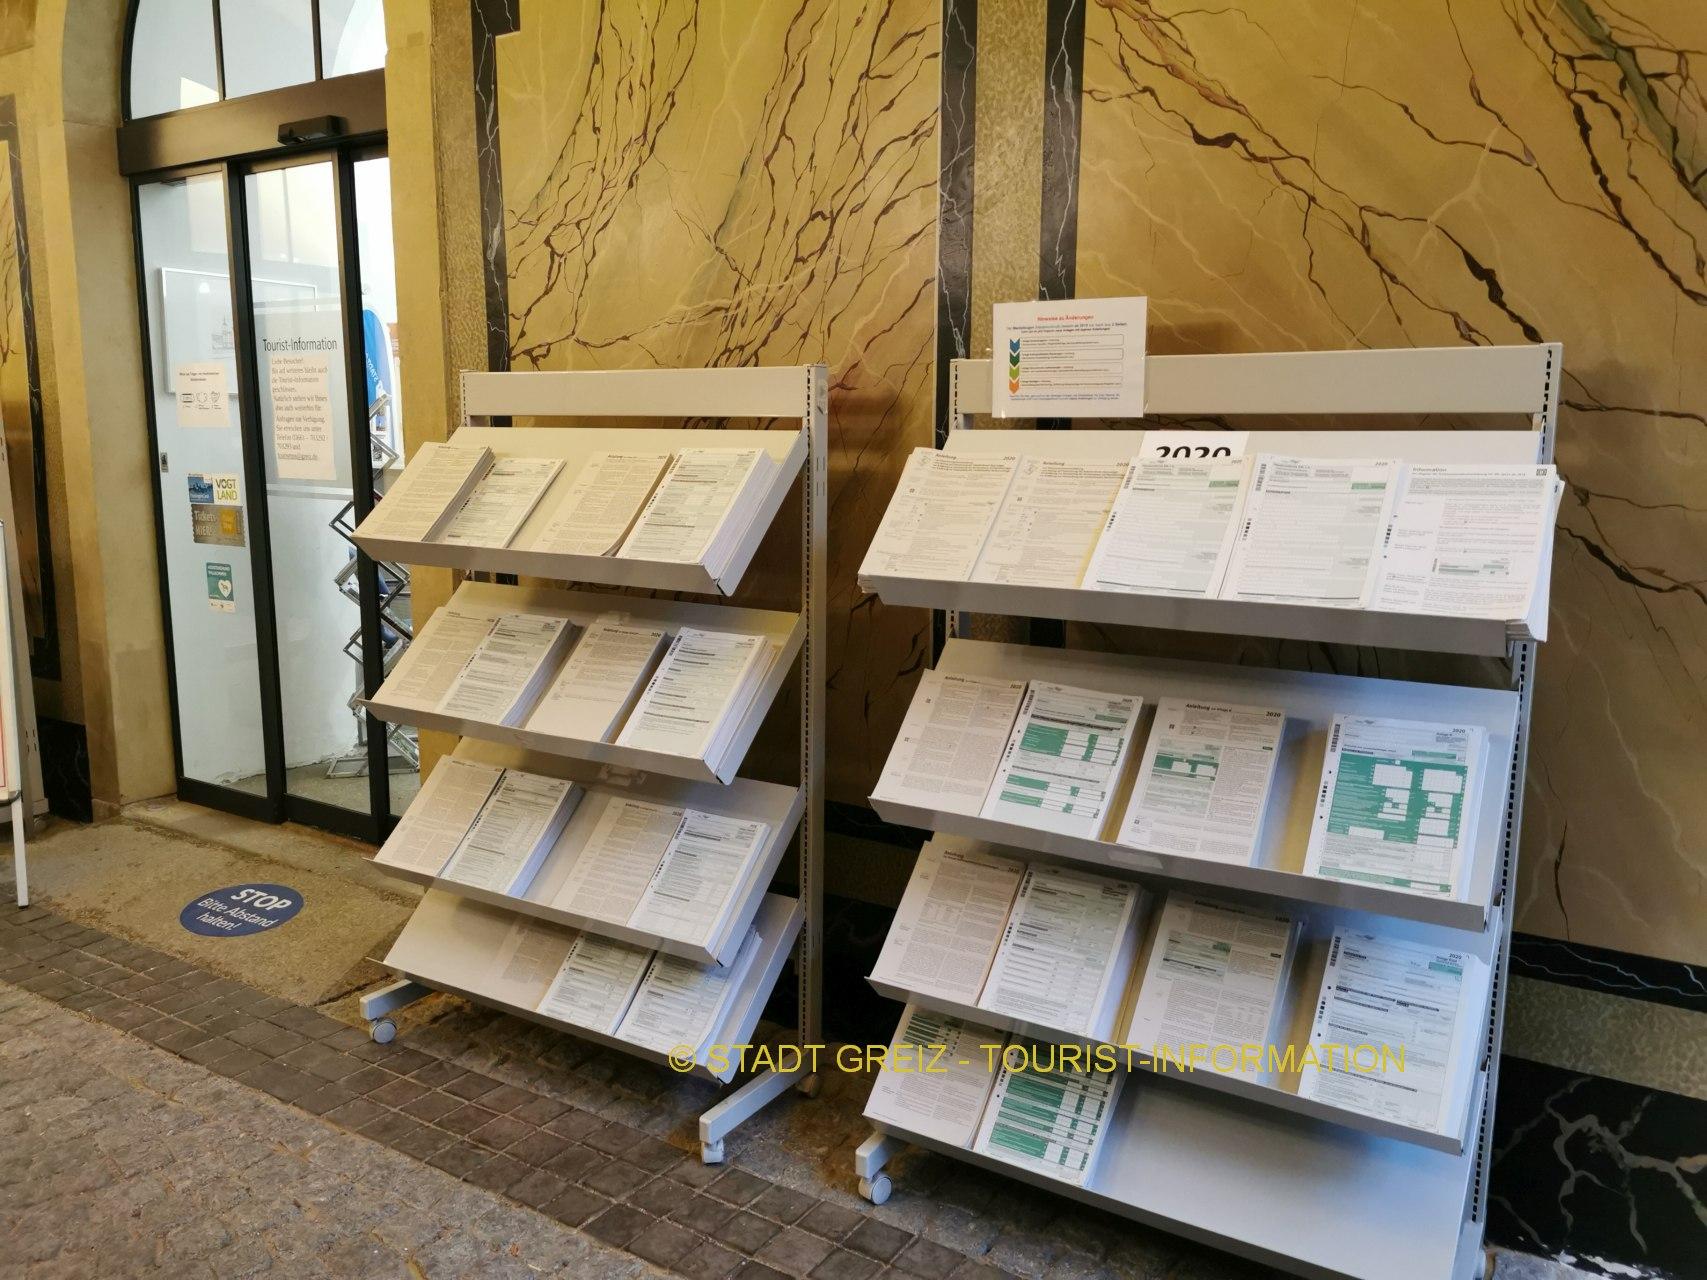 Formulare für Einkommensteuererklärung 2020 liegen ab sofort im Unteren Schloss Greiz, Burgplatz 12, aus